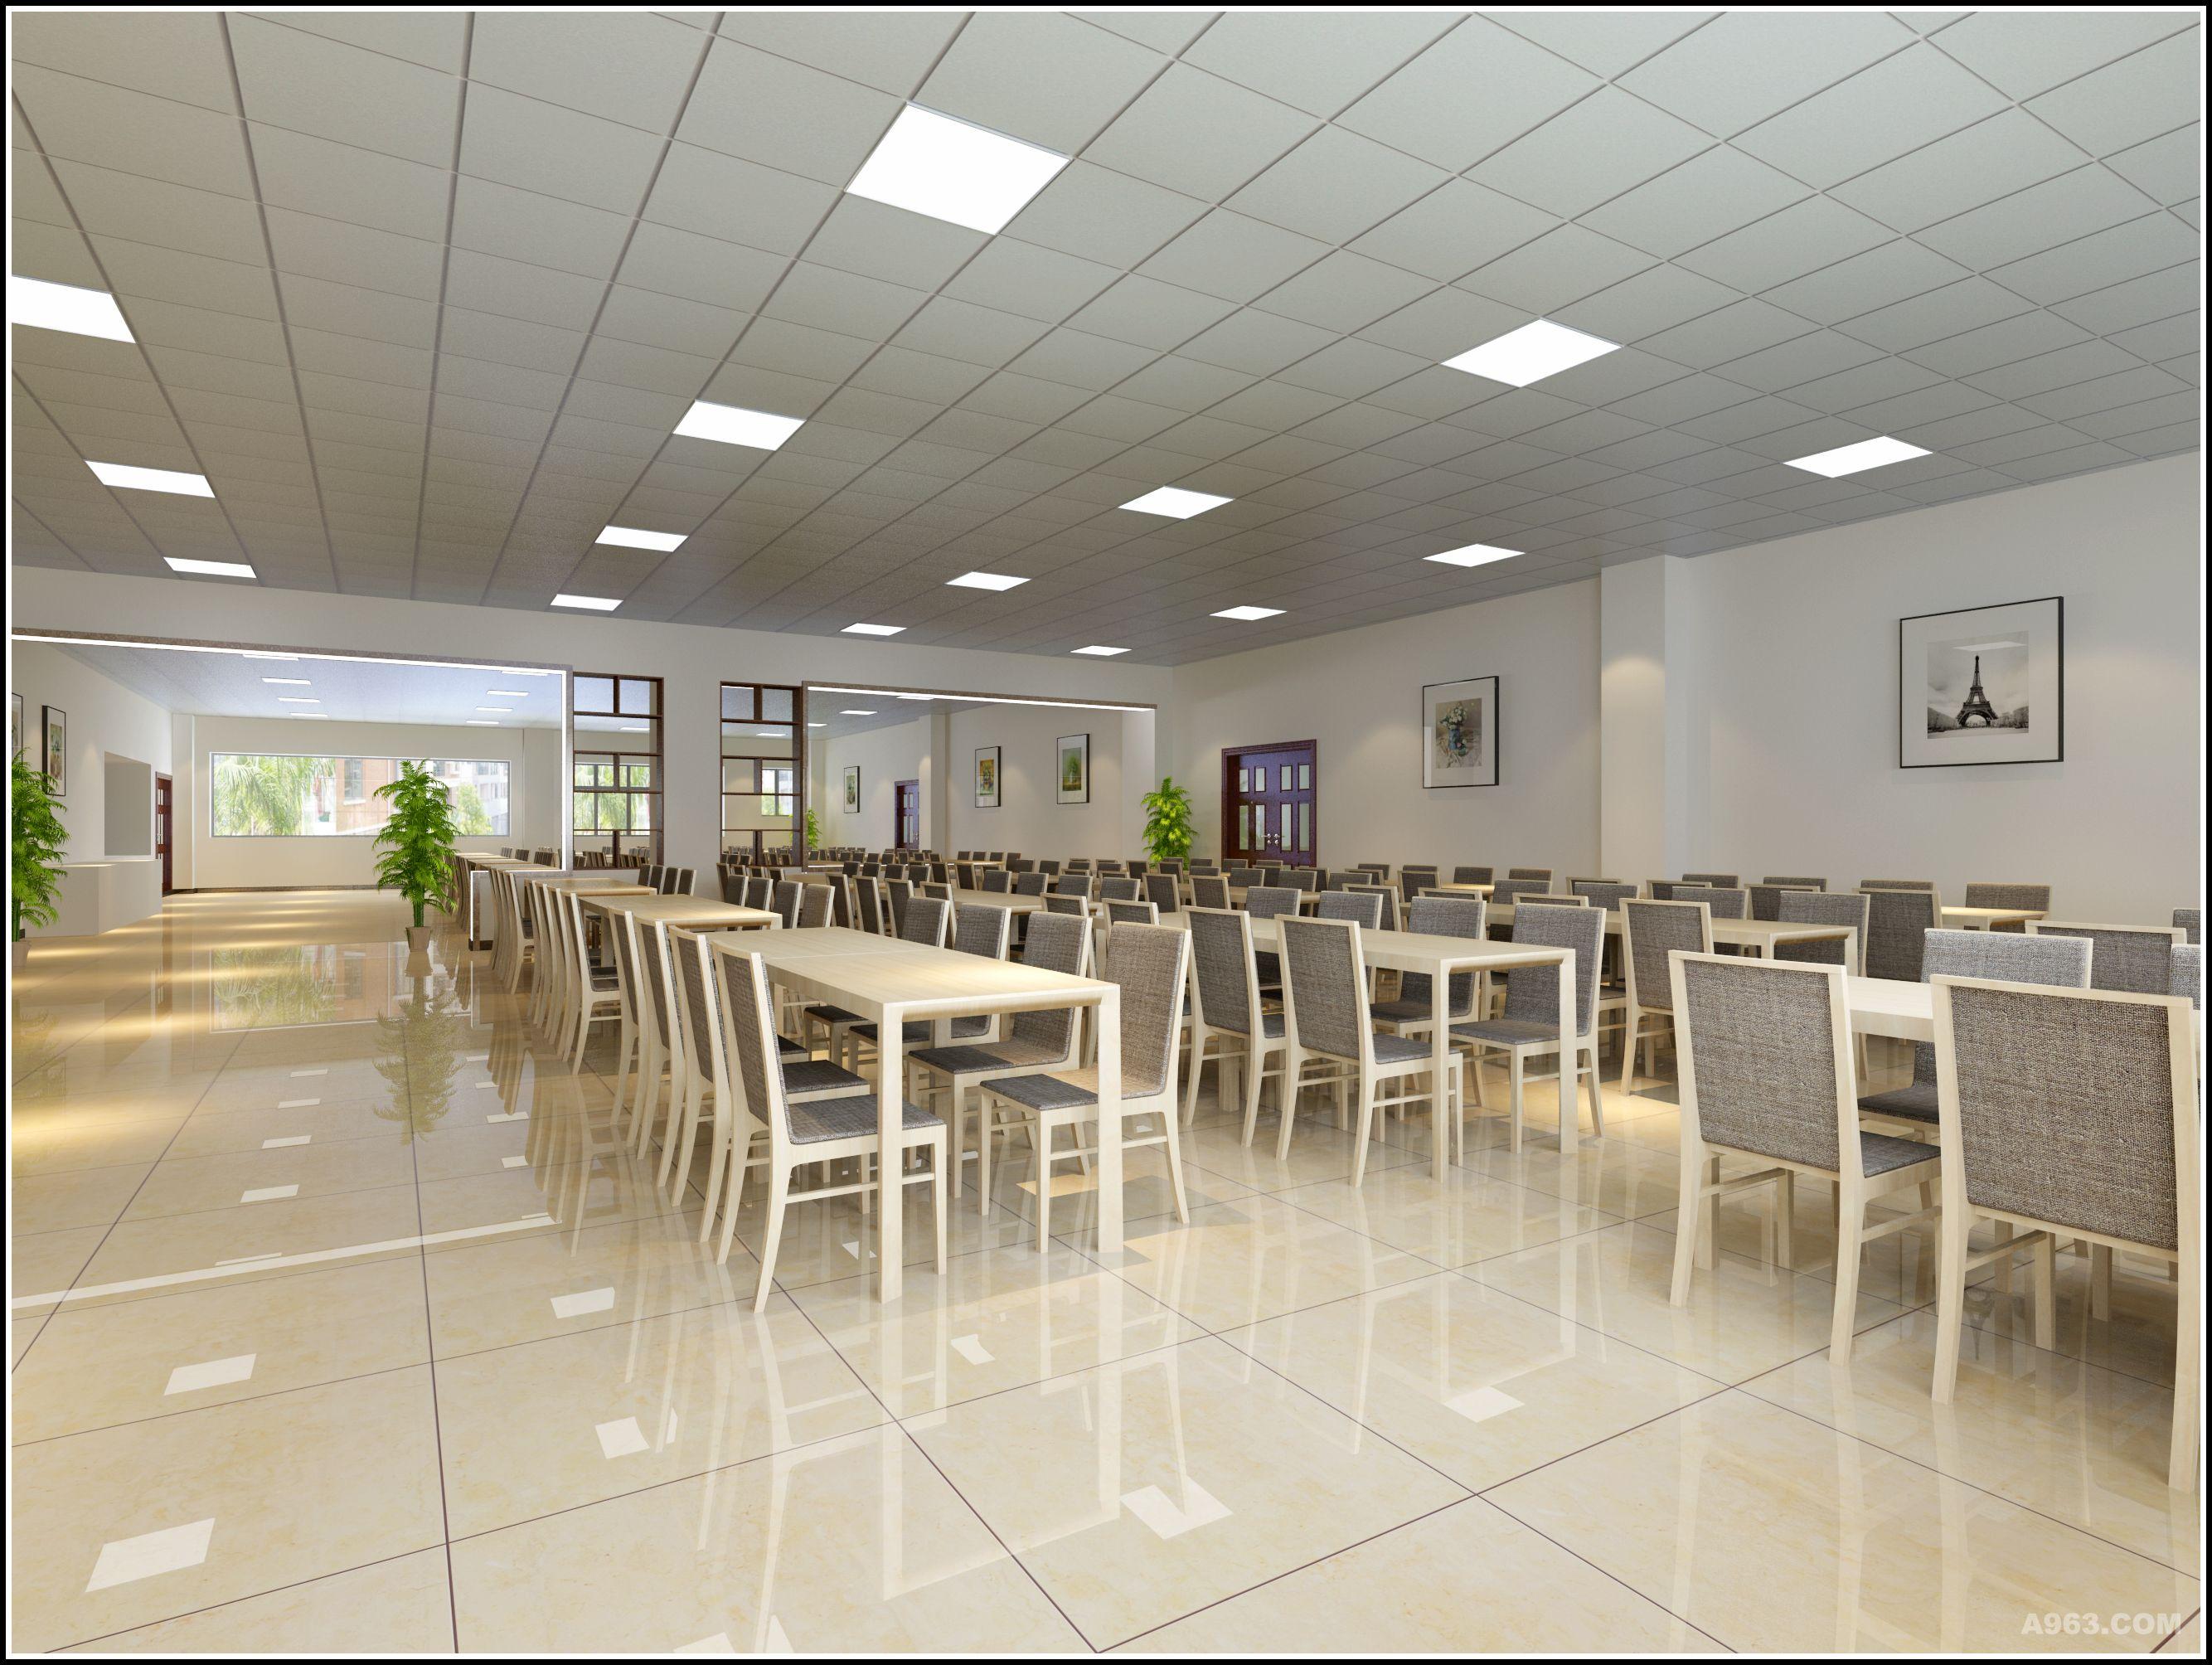 熊攀云-观山湖分局办公区/食堂装修设计,现代简约风格设计.